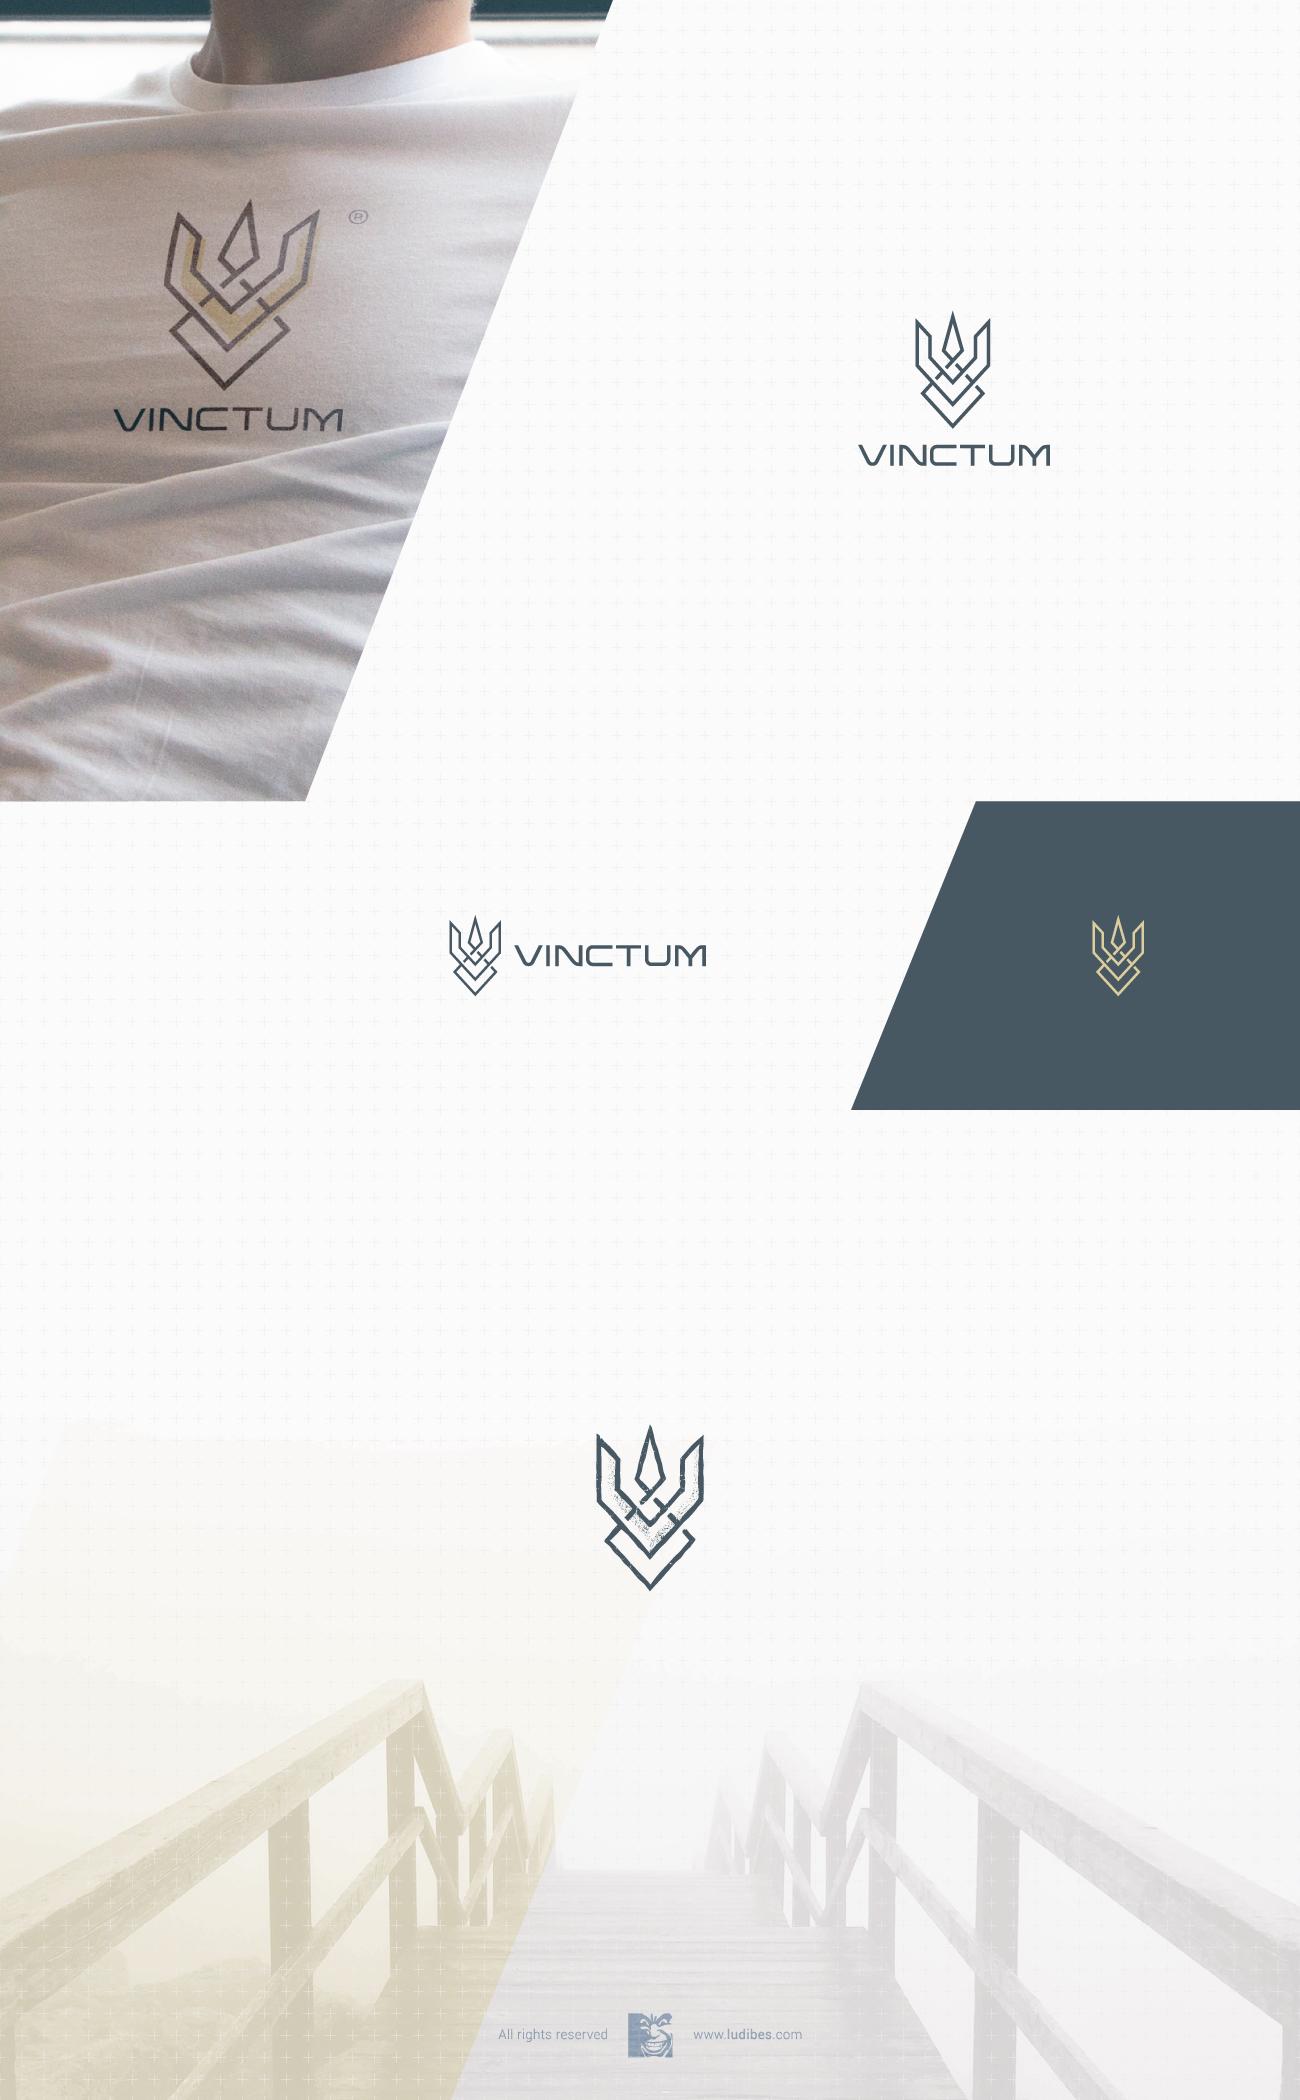 Vinctum Brand Identity Design